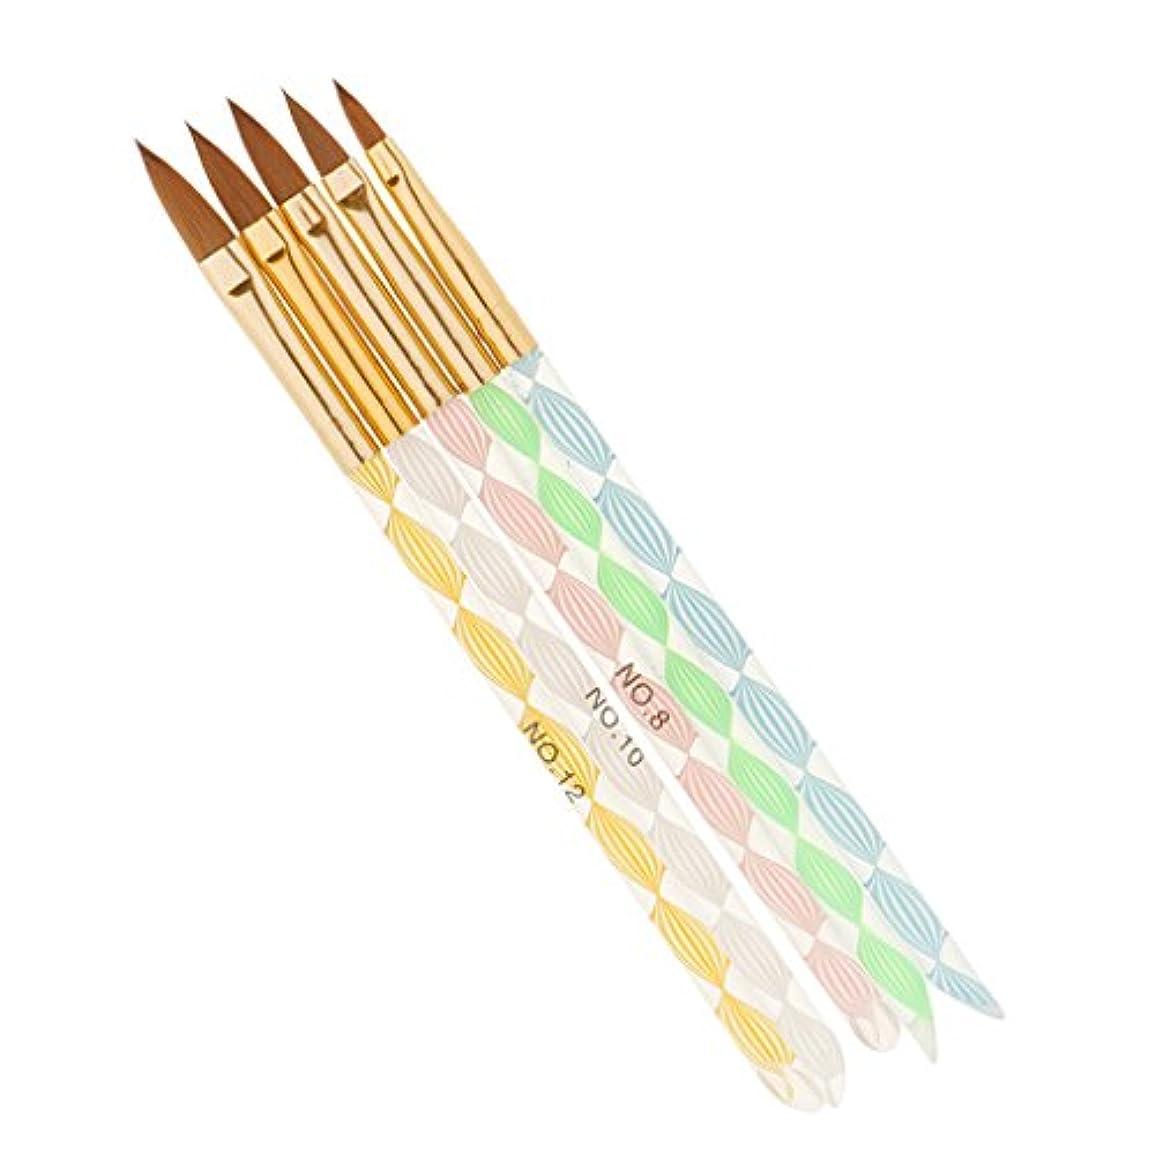 麺自我哺乳類Perfk 5本 ネイルアート デザイン ブラシキット マニキュアツール 絵画 描画 磨き ブラシ